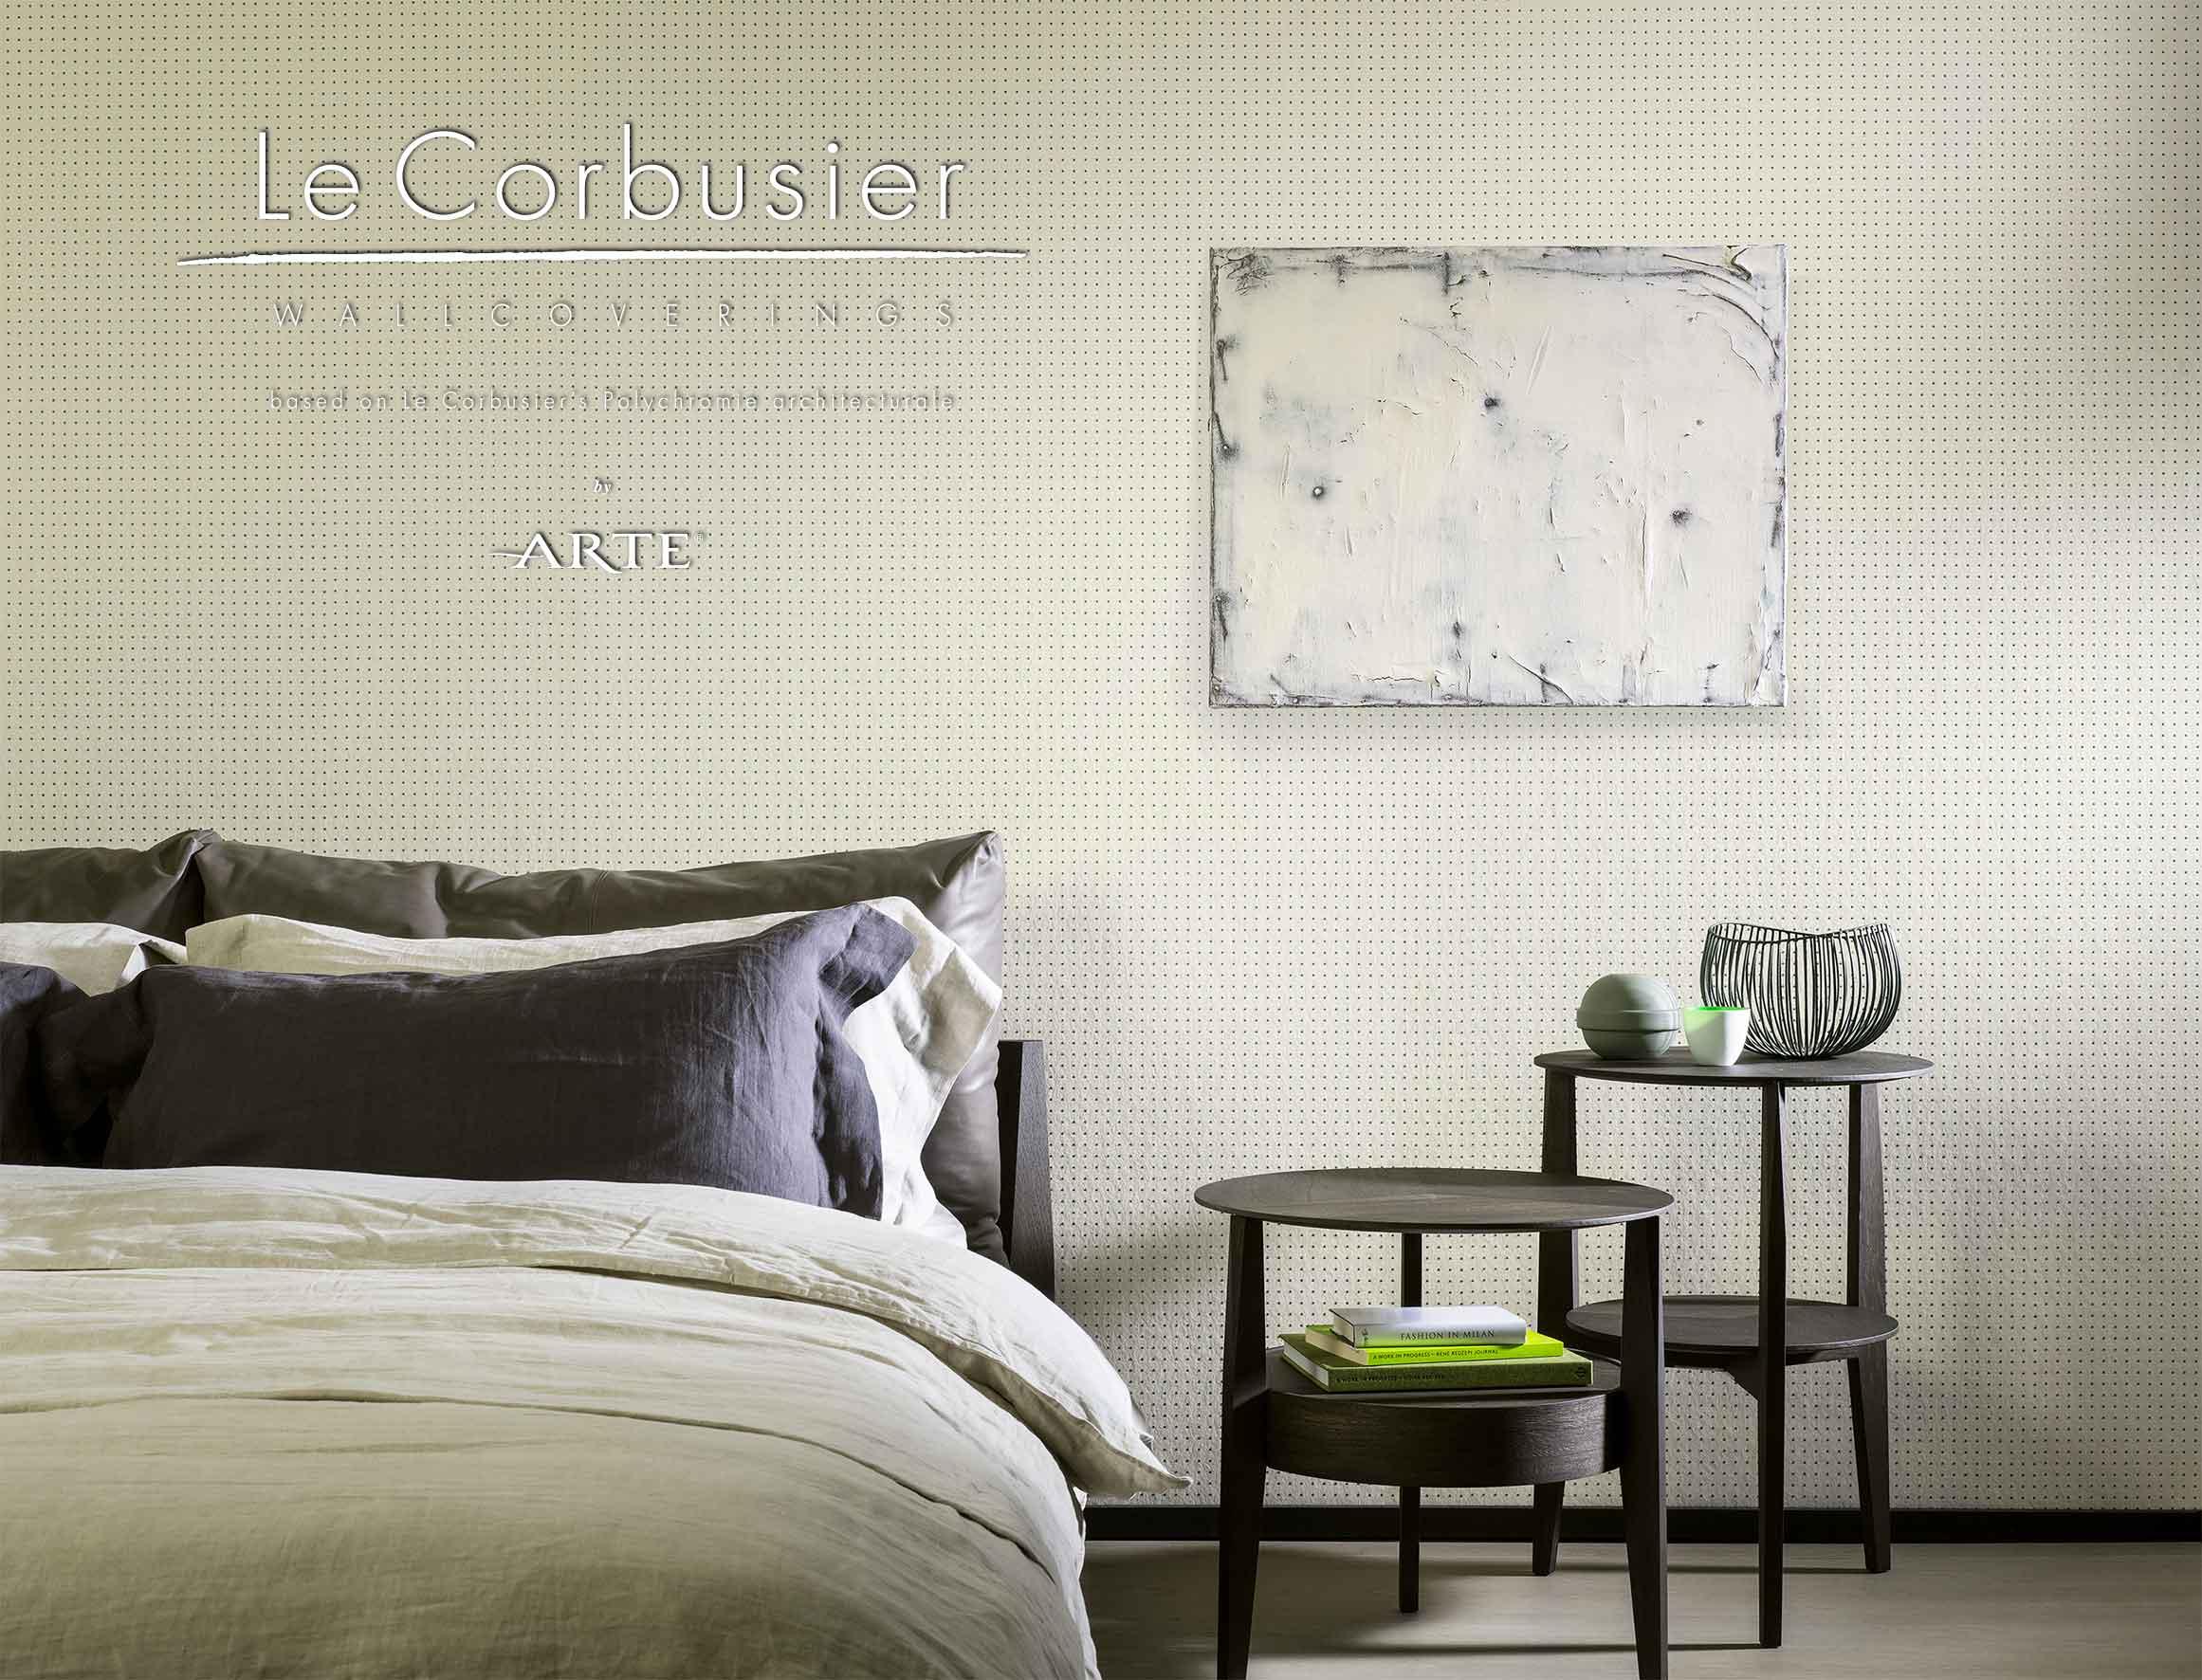 bauhaustapete - stil bauhaus tapeten design arte online kaufen, Wohnzimmer dekoo